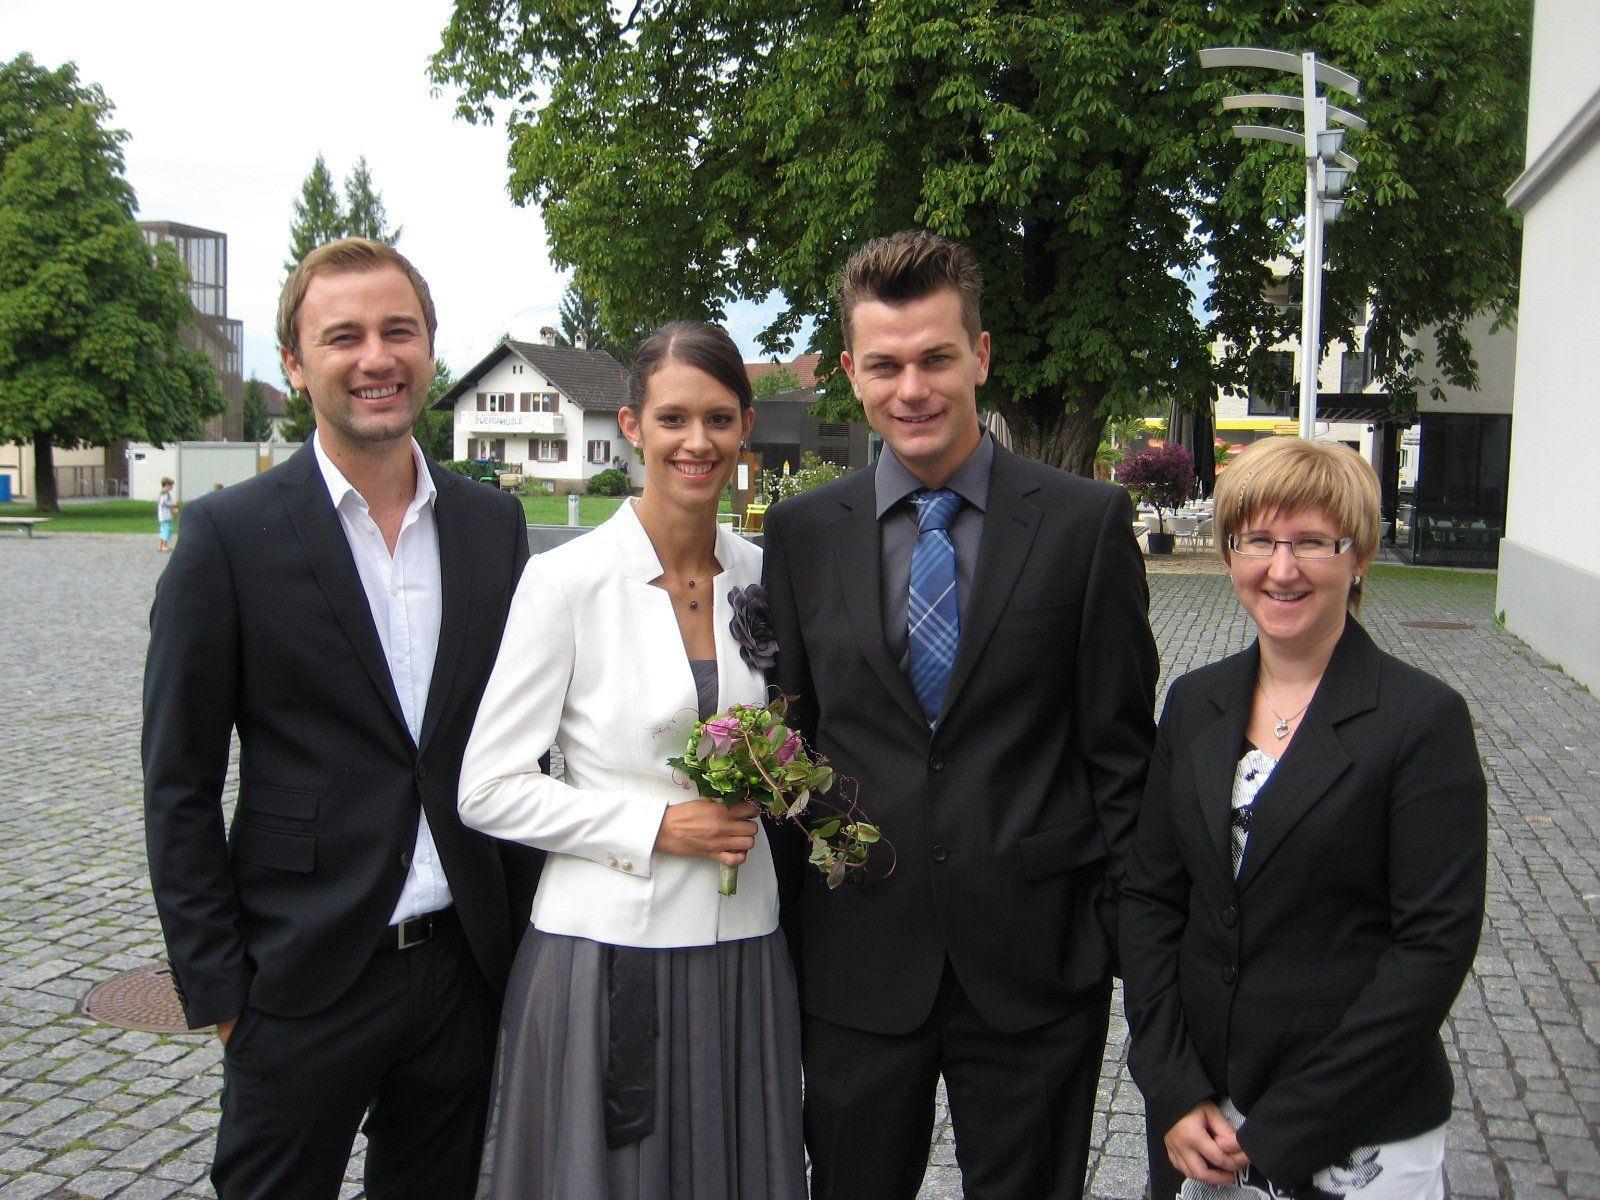 Claudia Schneider und Dejan Riba haben geheiratet.